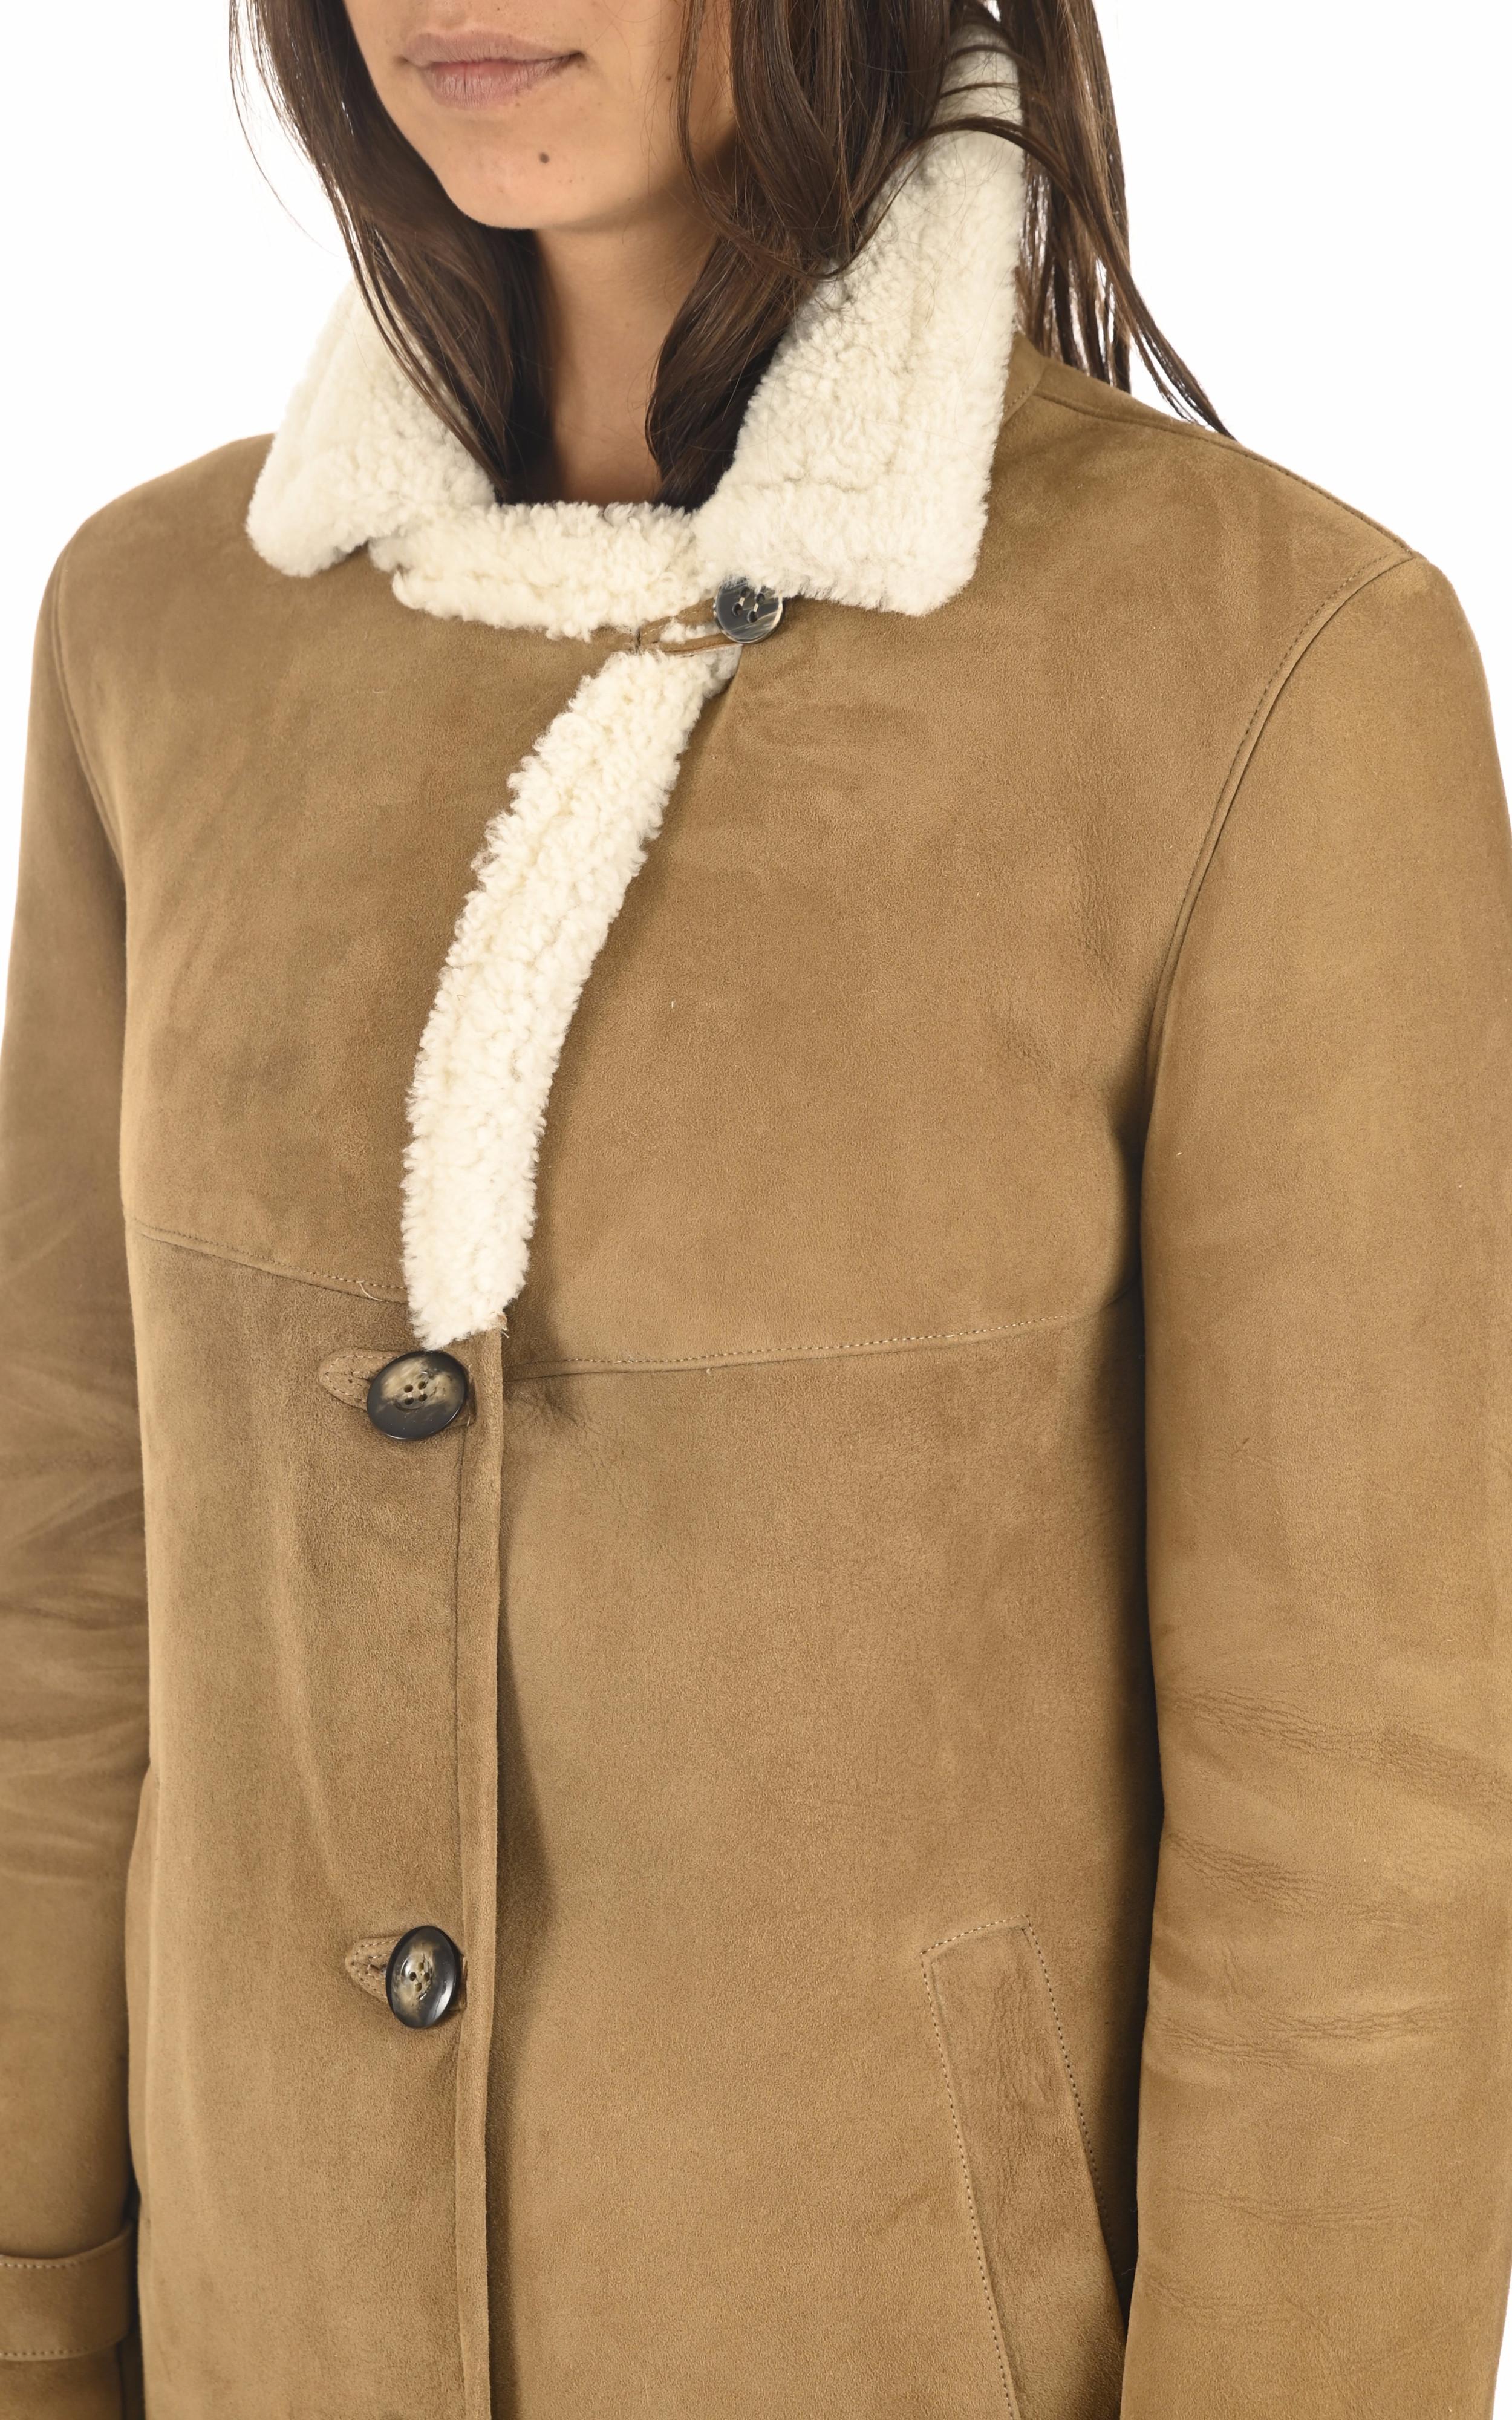 Veste peau lainée camel La Canadienne